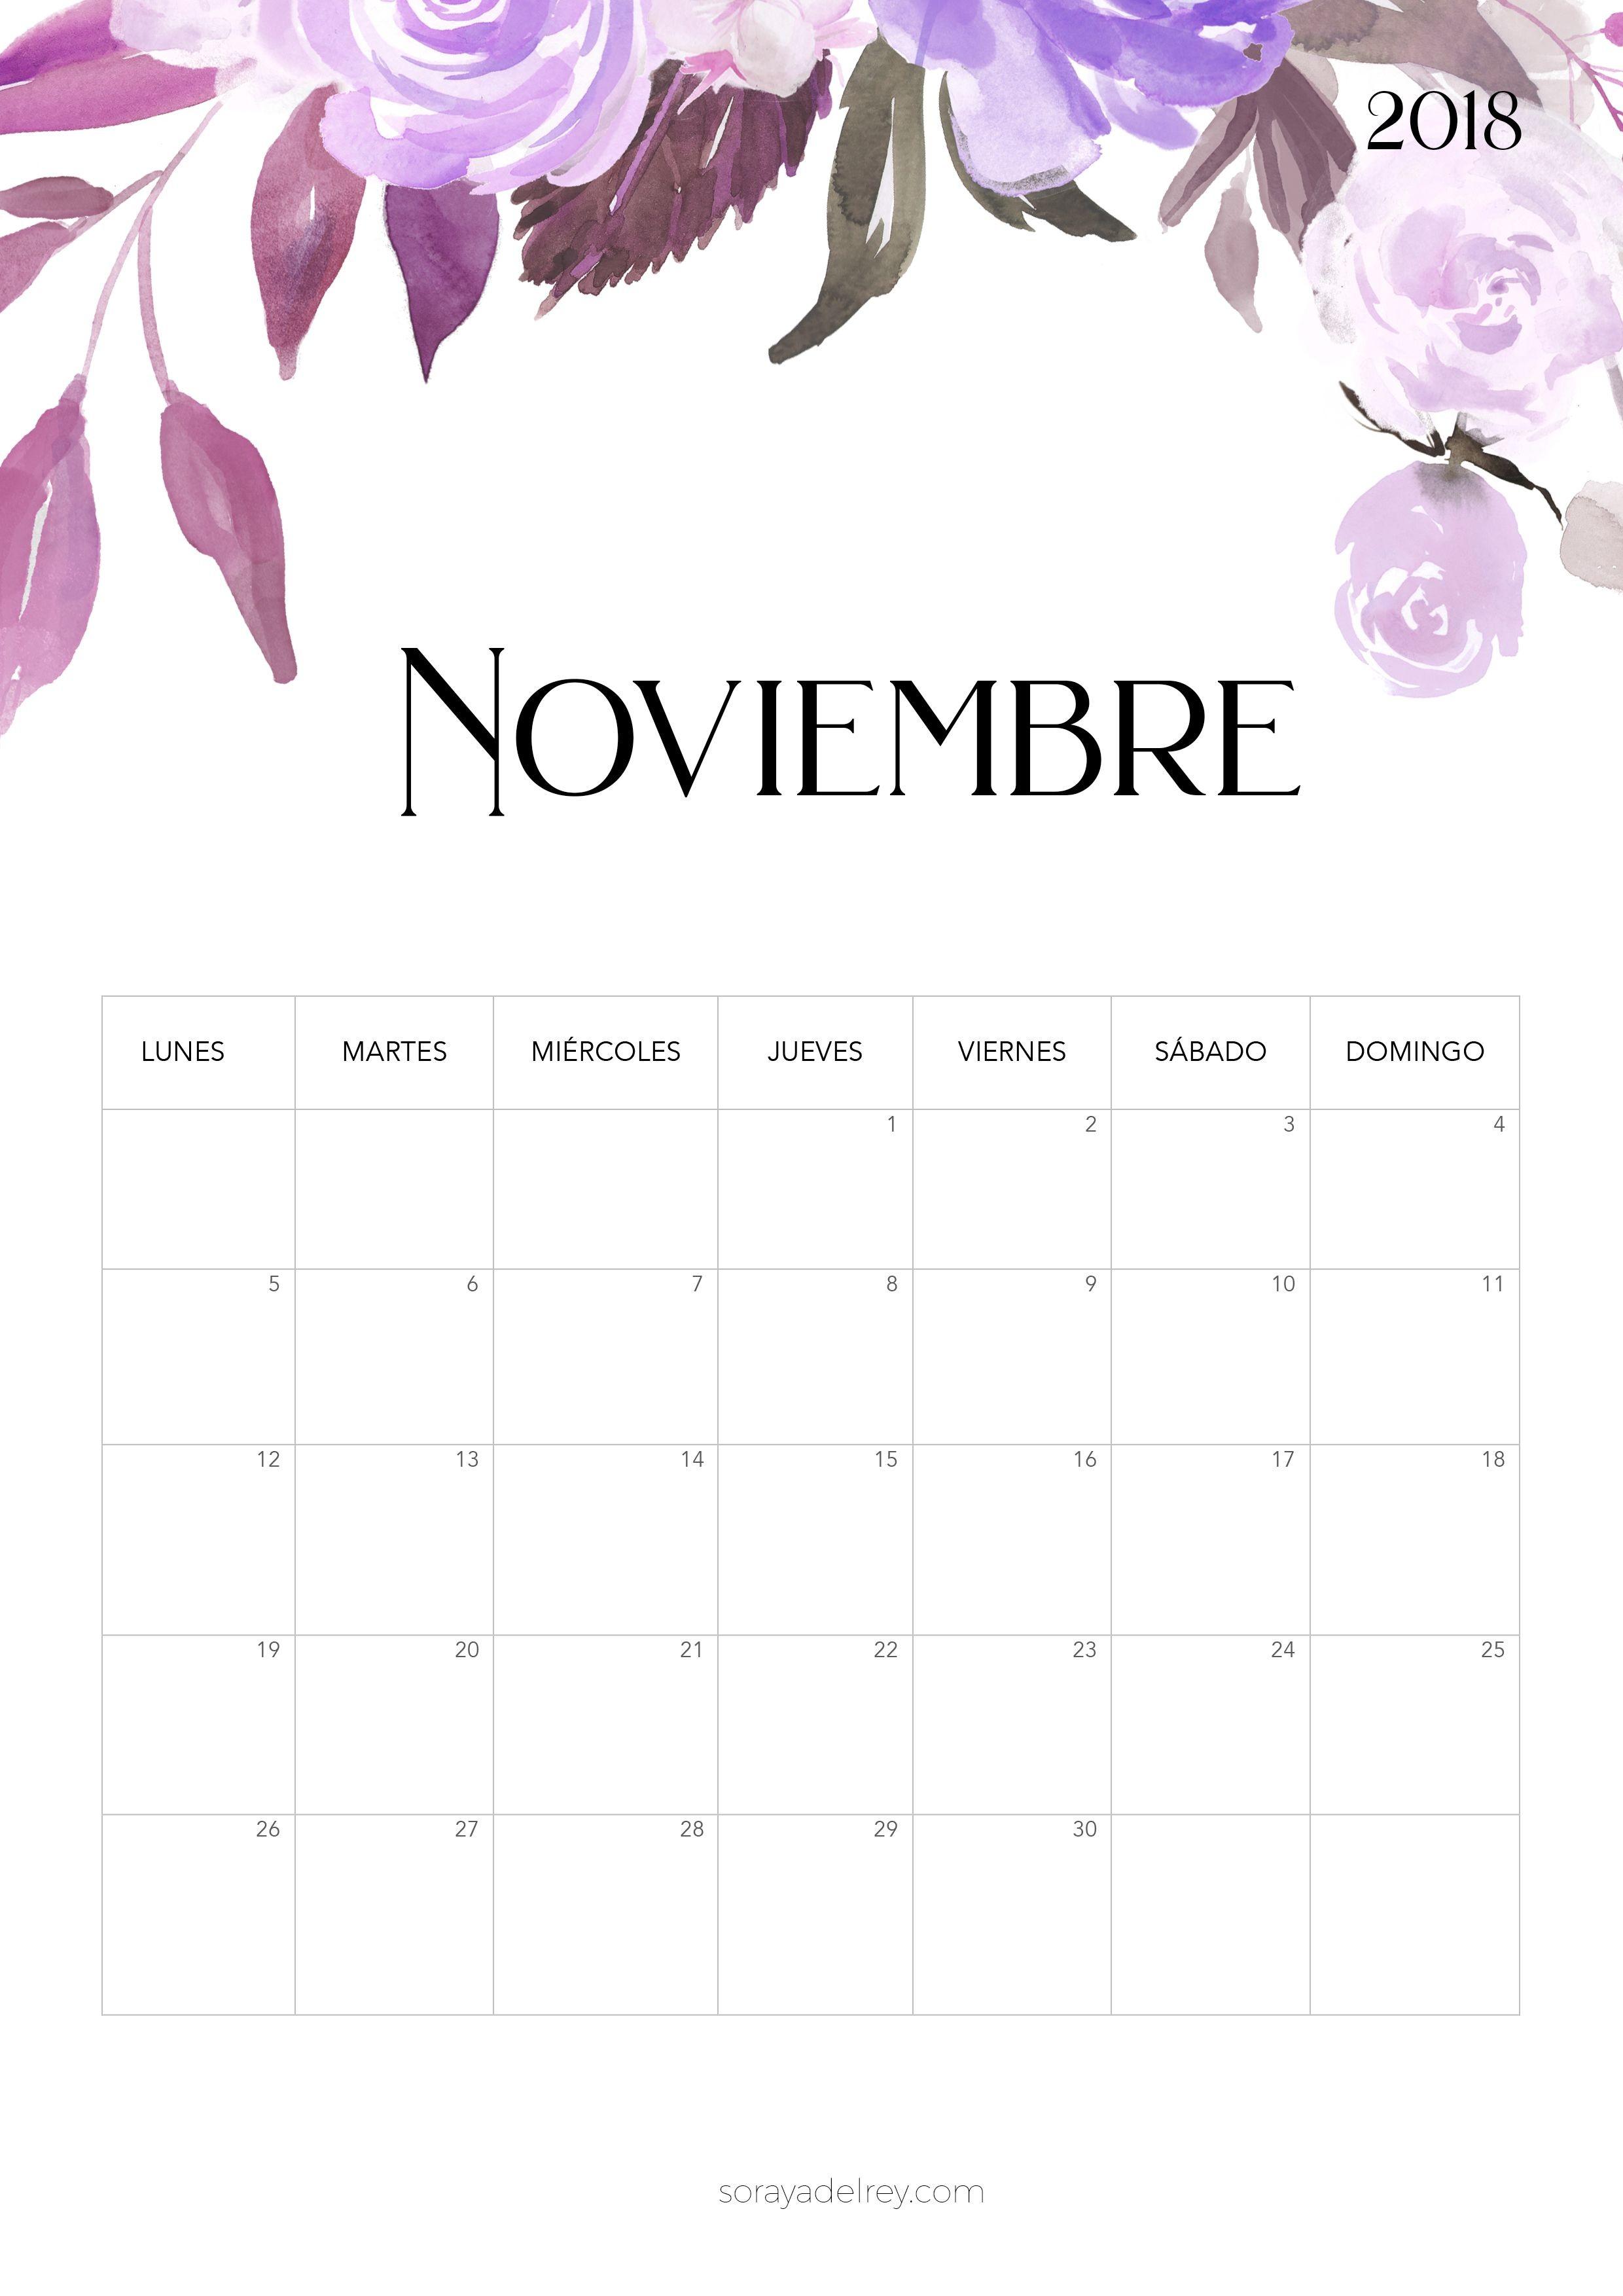 Calendario para imprimir Noviembre 2018 calendario calendar noviebre november printable imprimir freebie flores flowers